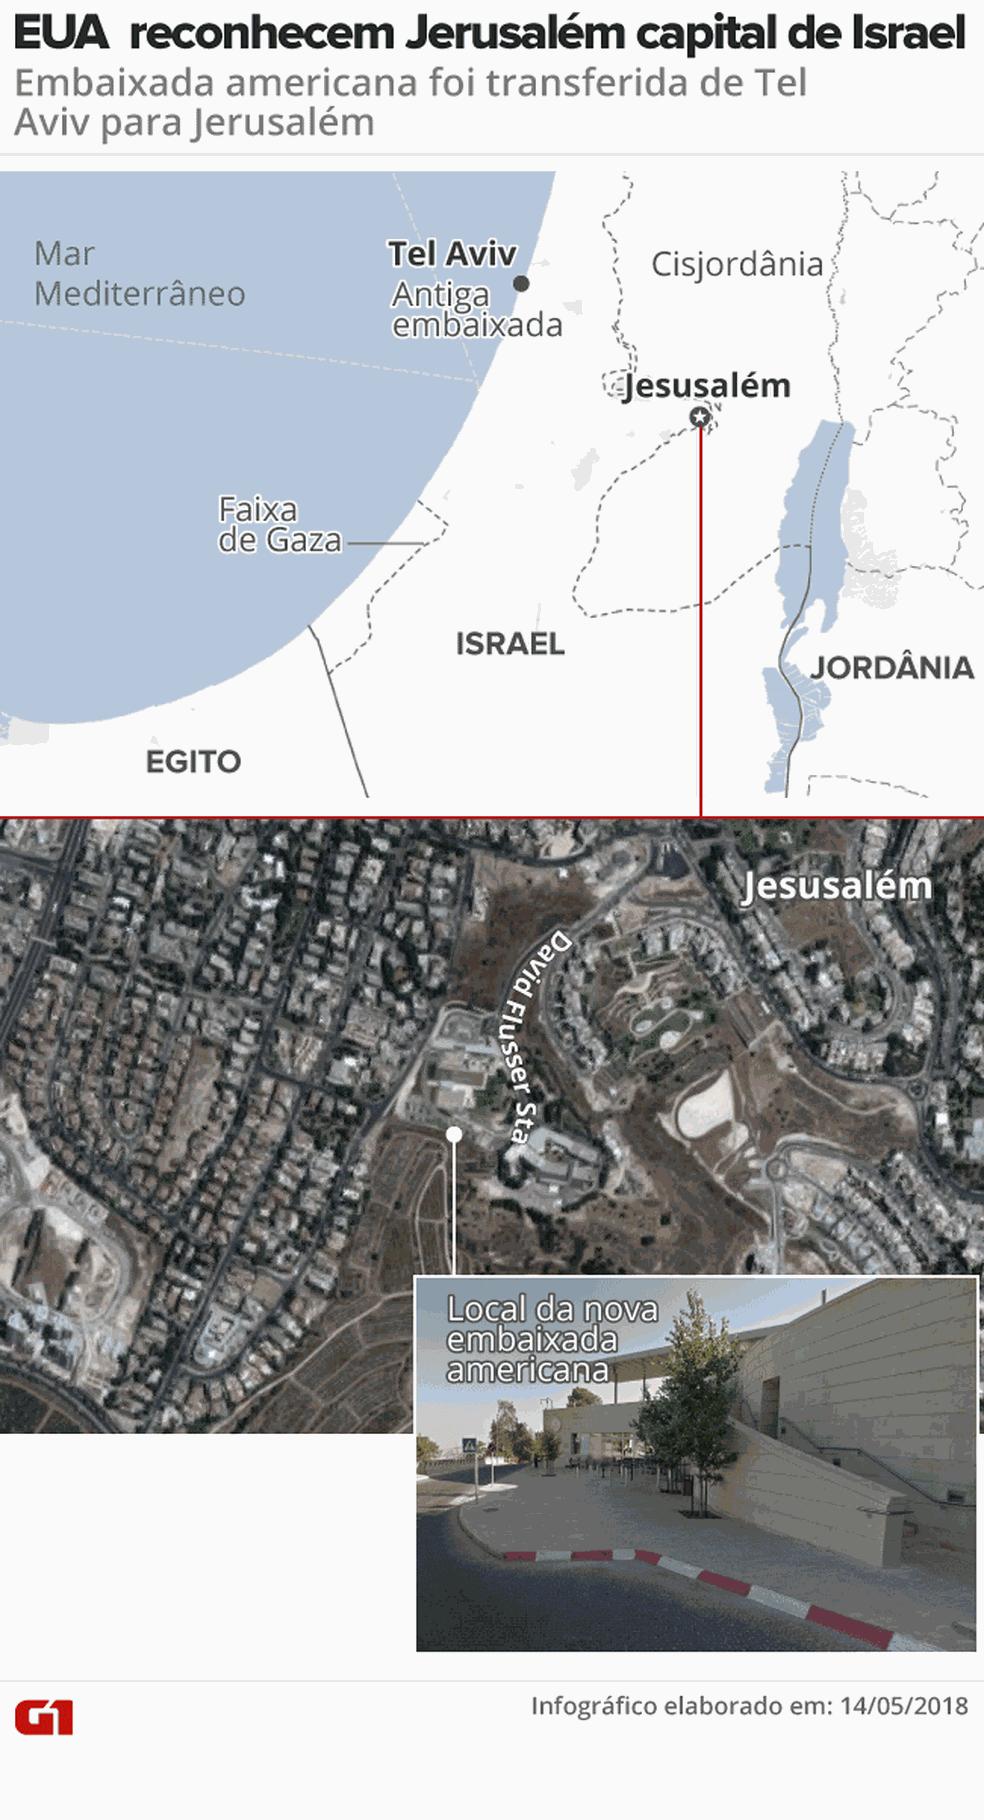 EUA reconhecem Jerusalém como capital de Israel (Foto: Karina Almeida/ Arte G1)